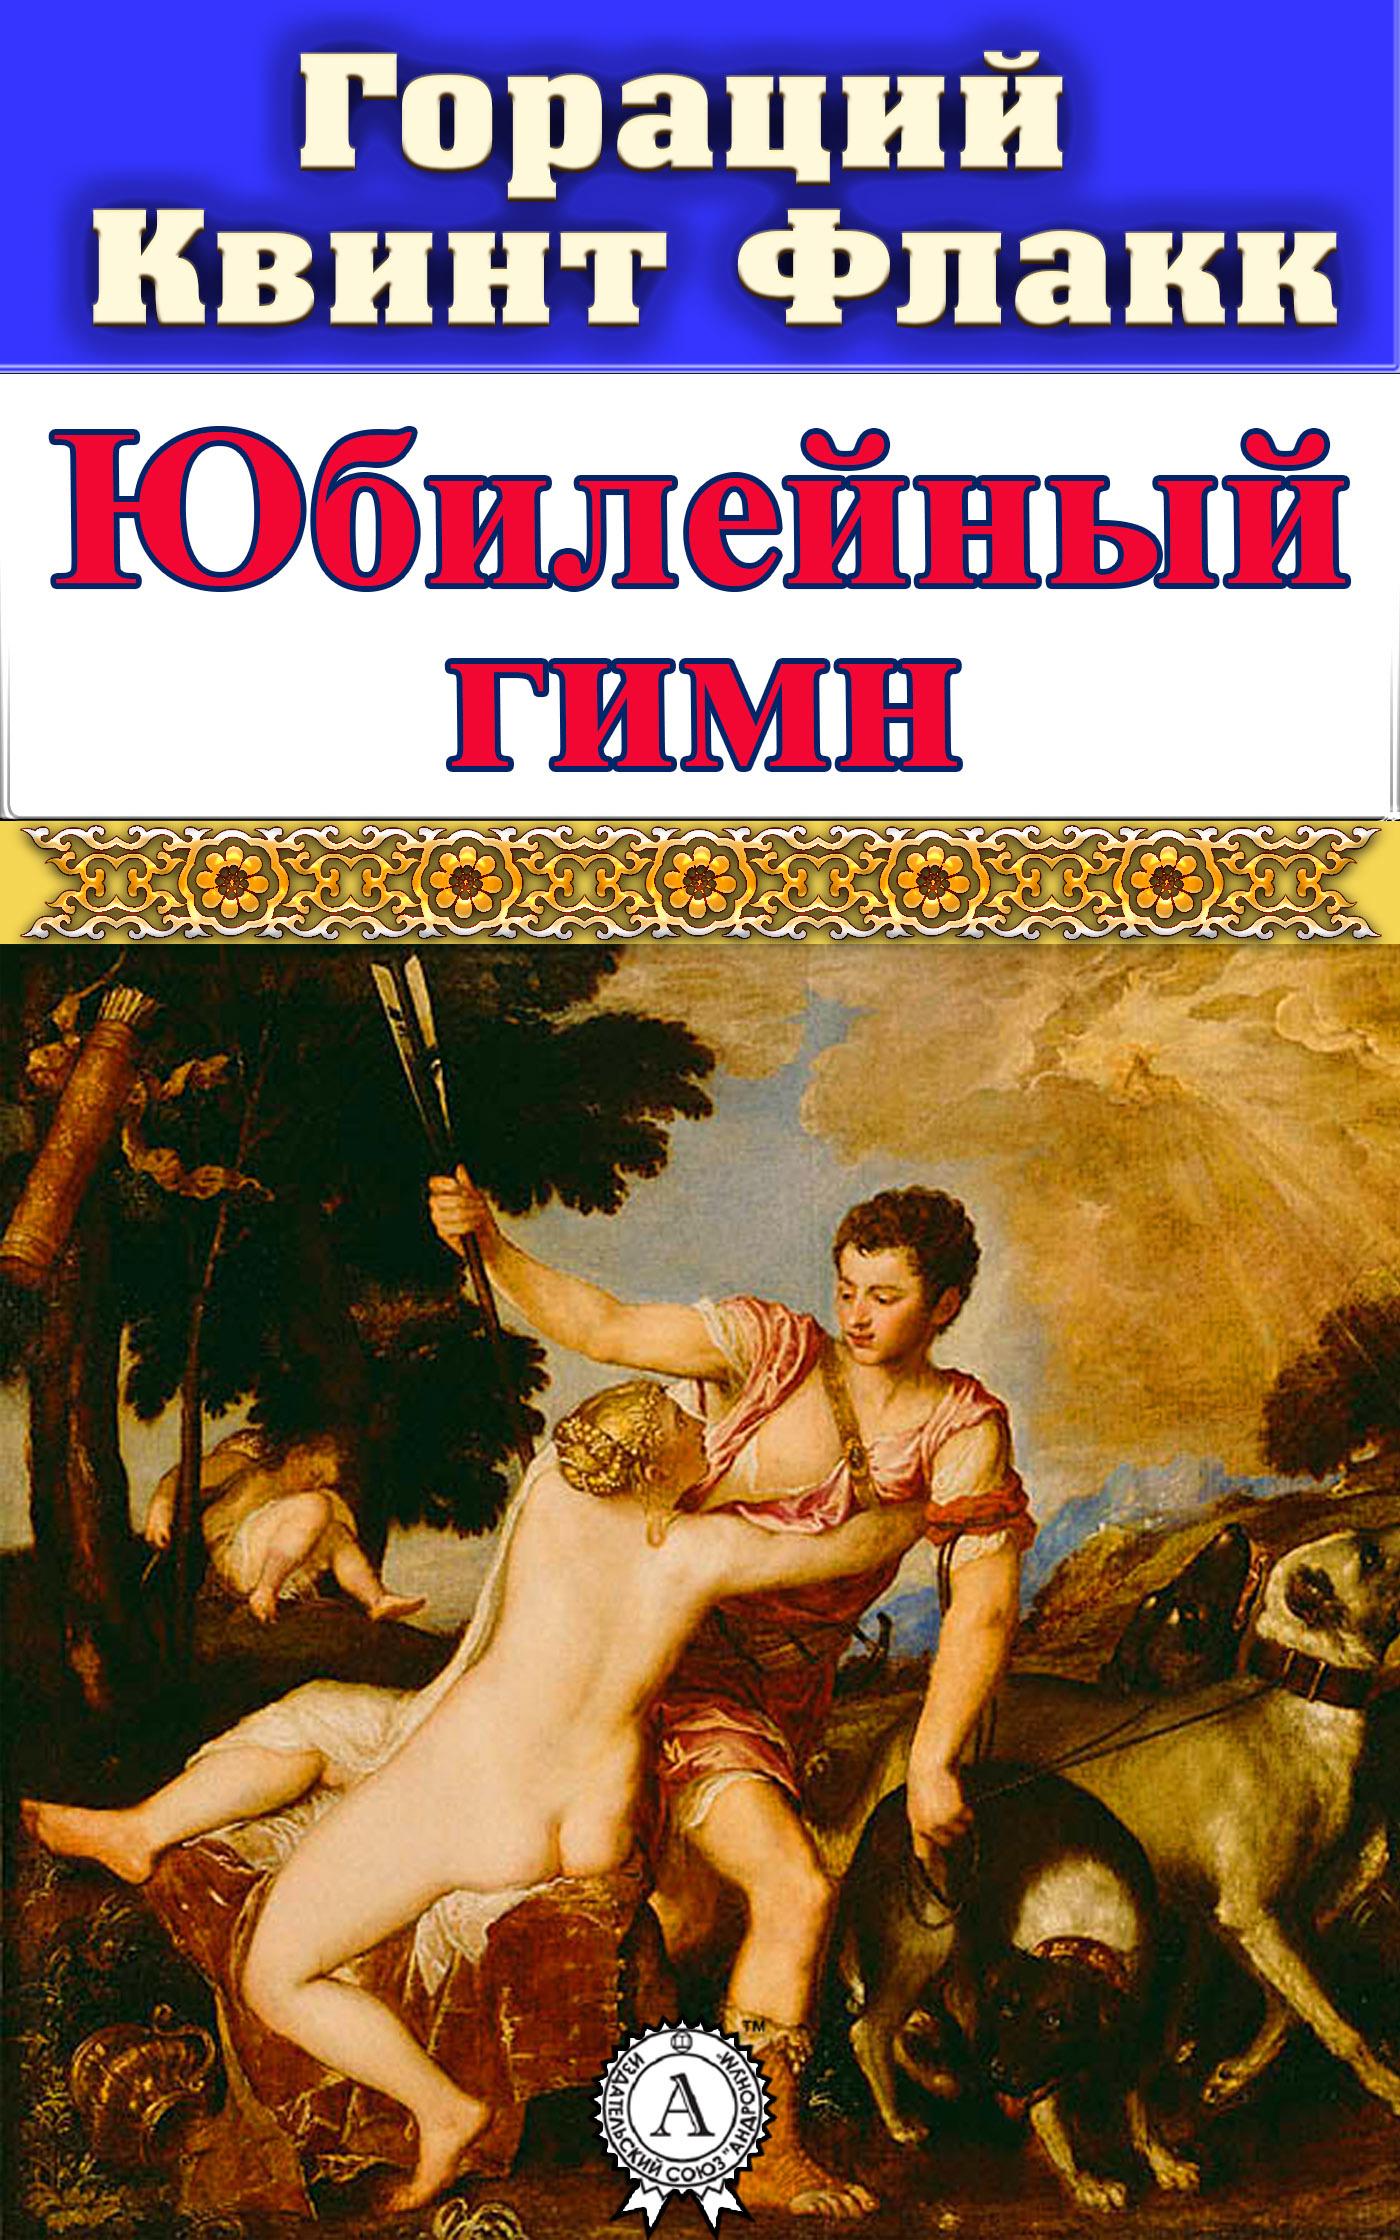 Квинт Гораций Флакк Юбилейный гимн